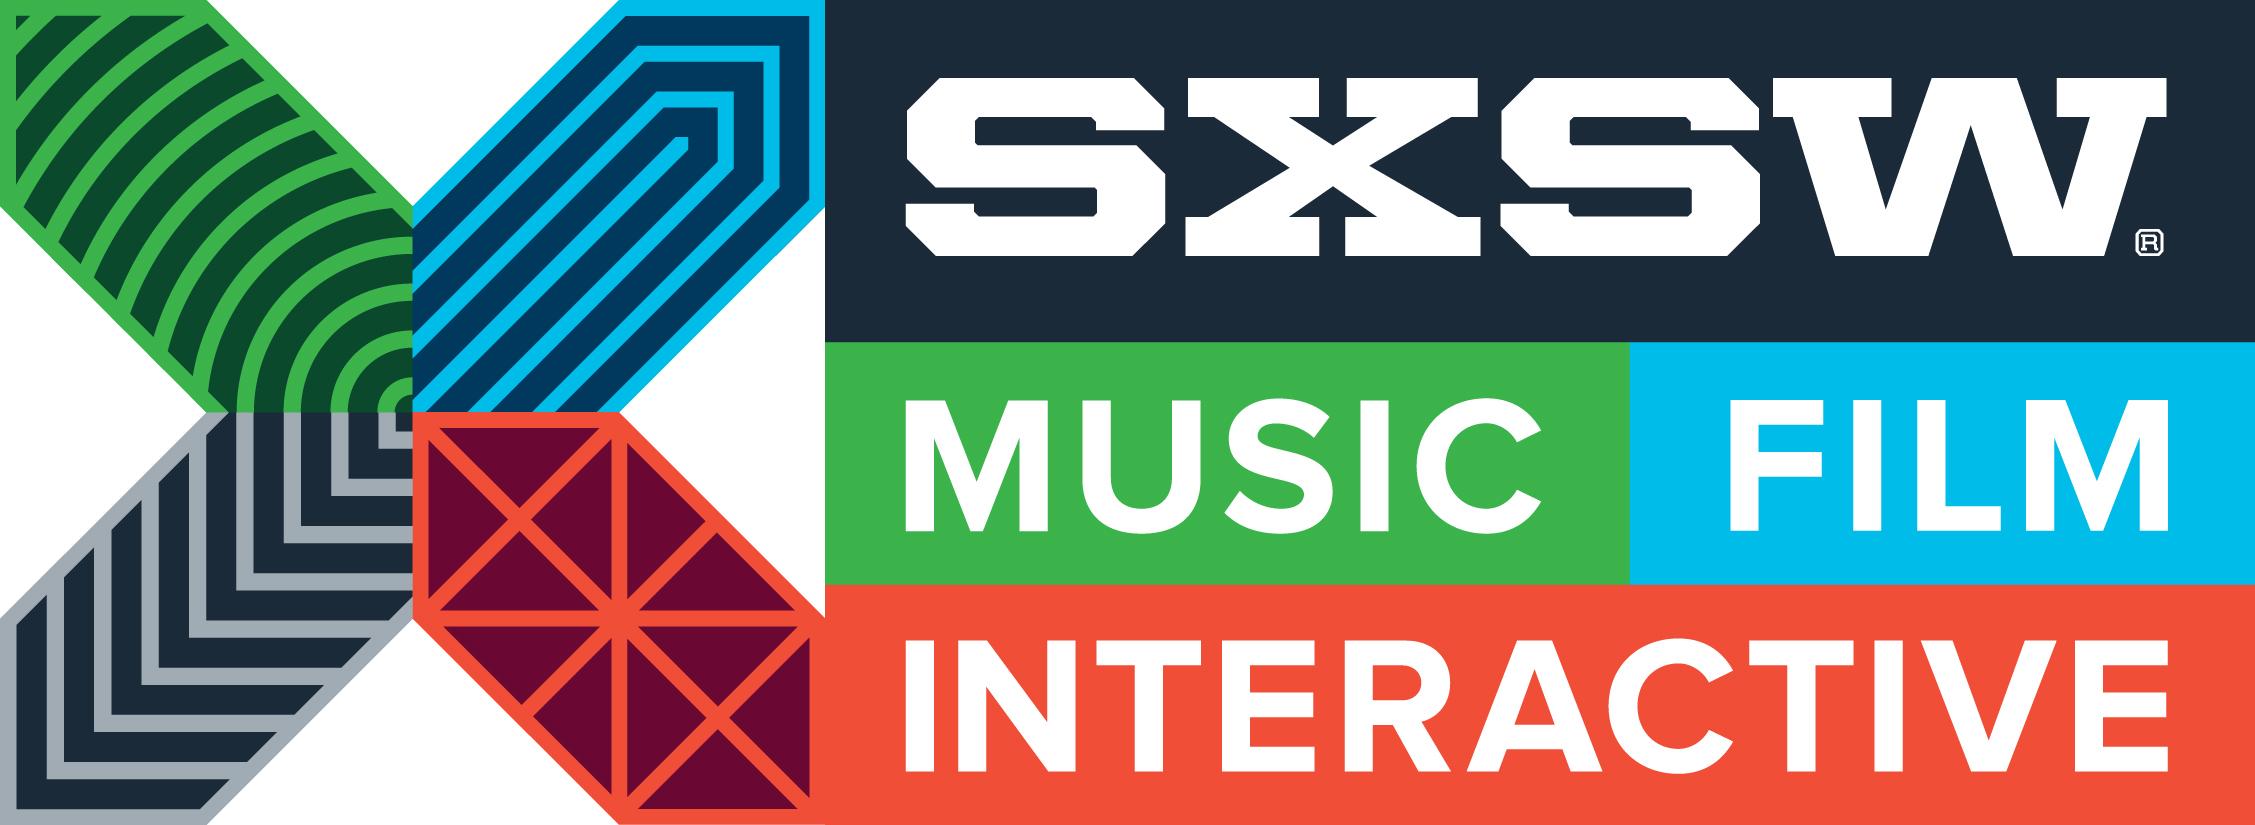 sxsw-2015-logo-grungecake-thumbnail.jpg